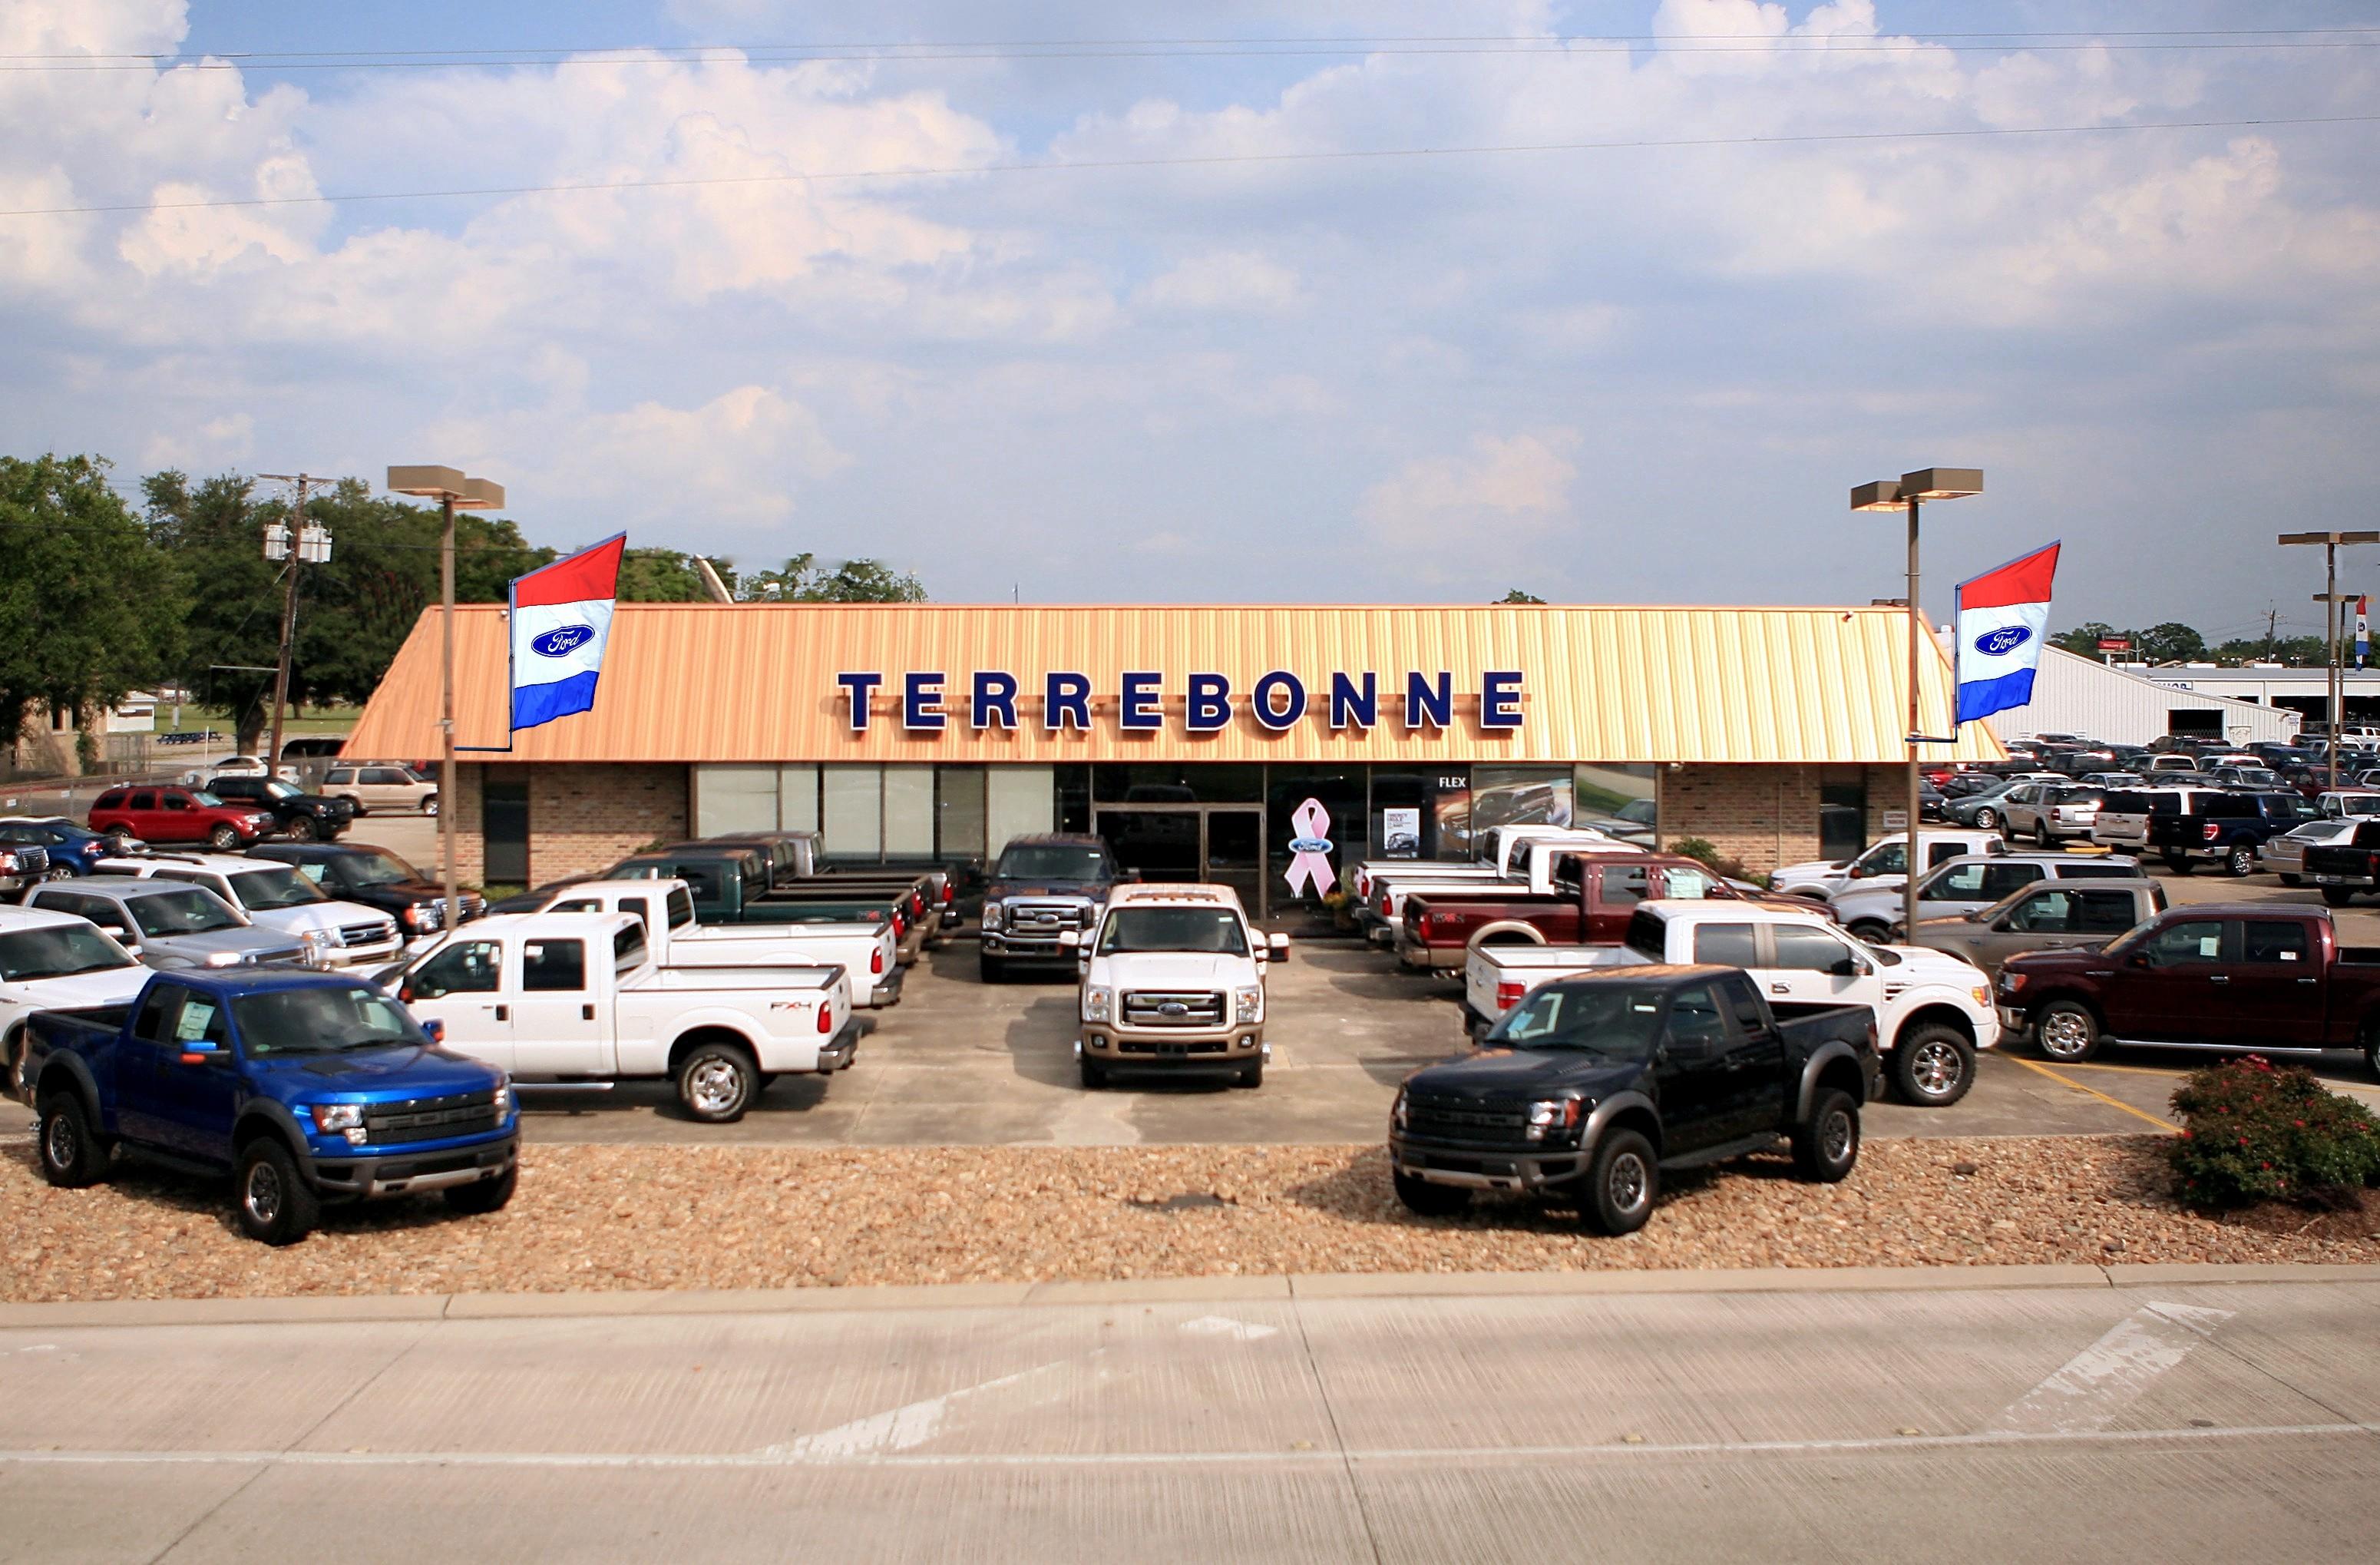 Terrebonne Ford, Houma LA